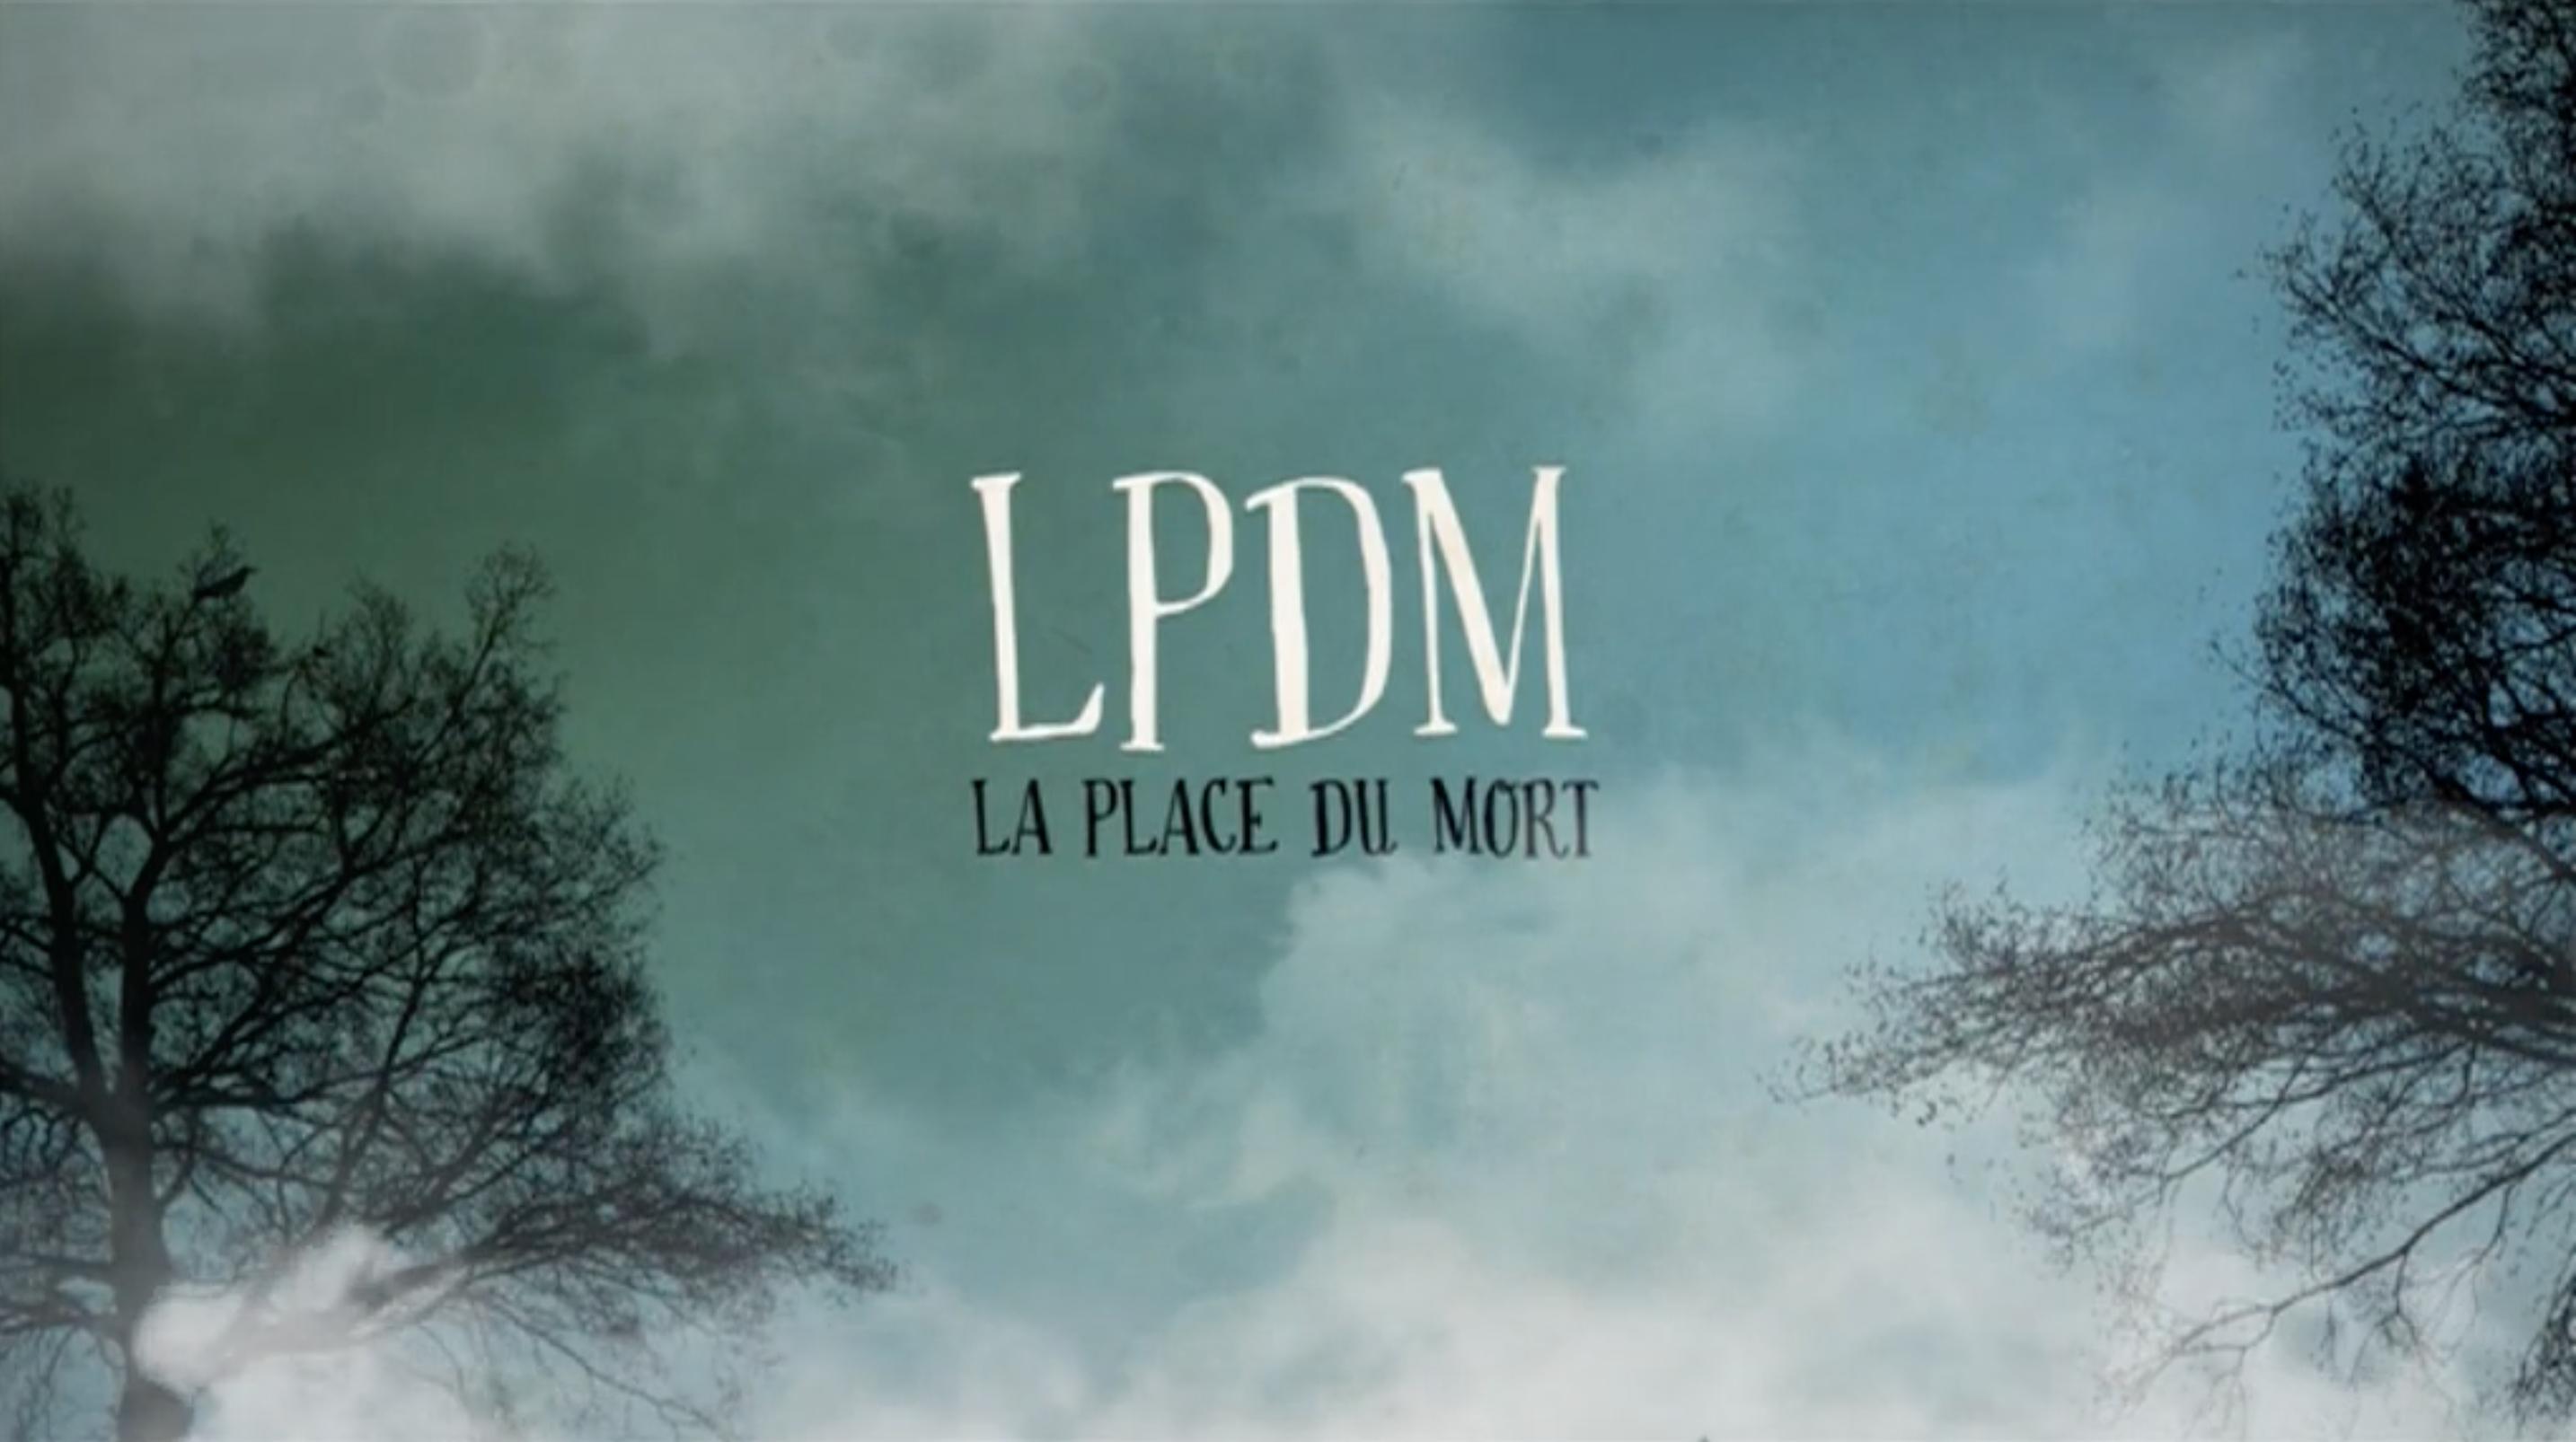 La Place Du Mort 2014